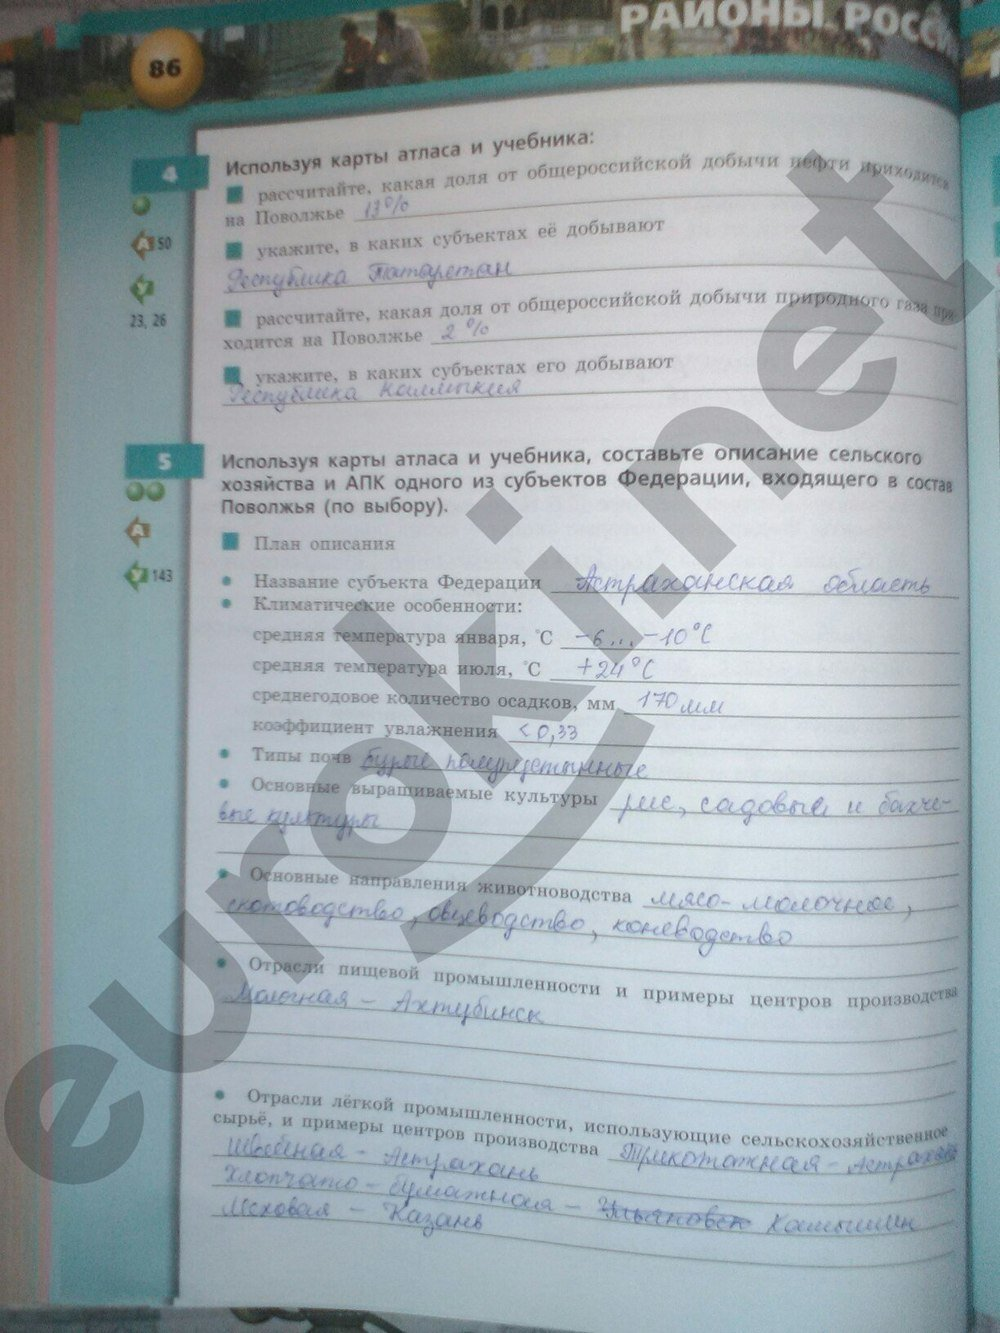 ГДЗ по географии 9 класс тетрадь тренажёр Ходова, Ольховая. Задание: стр. 86